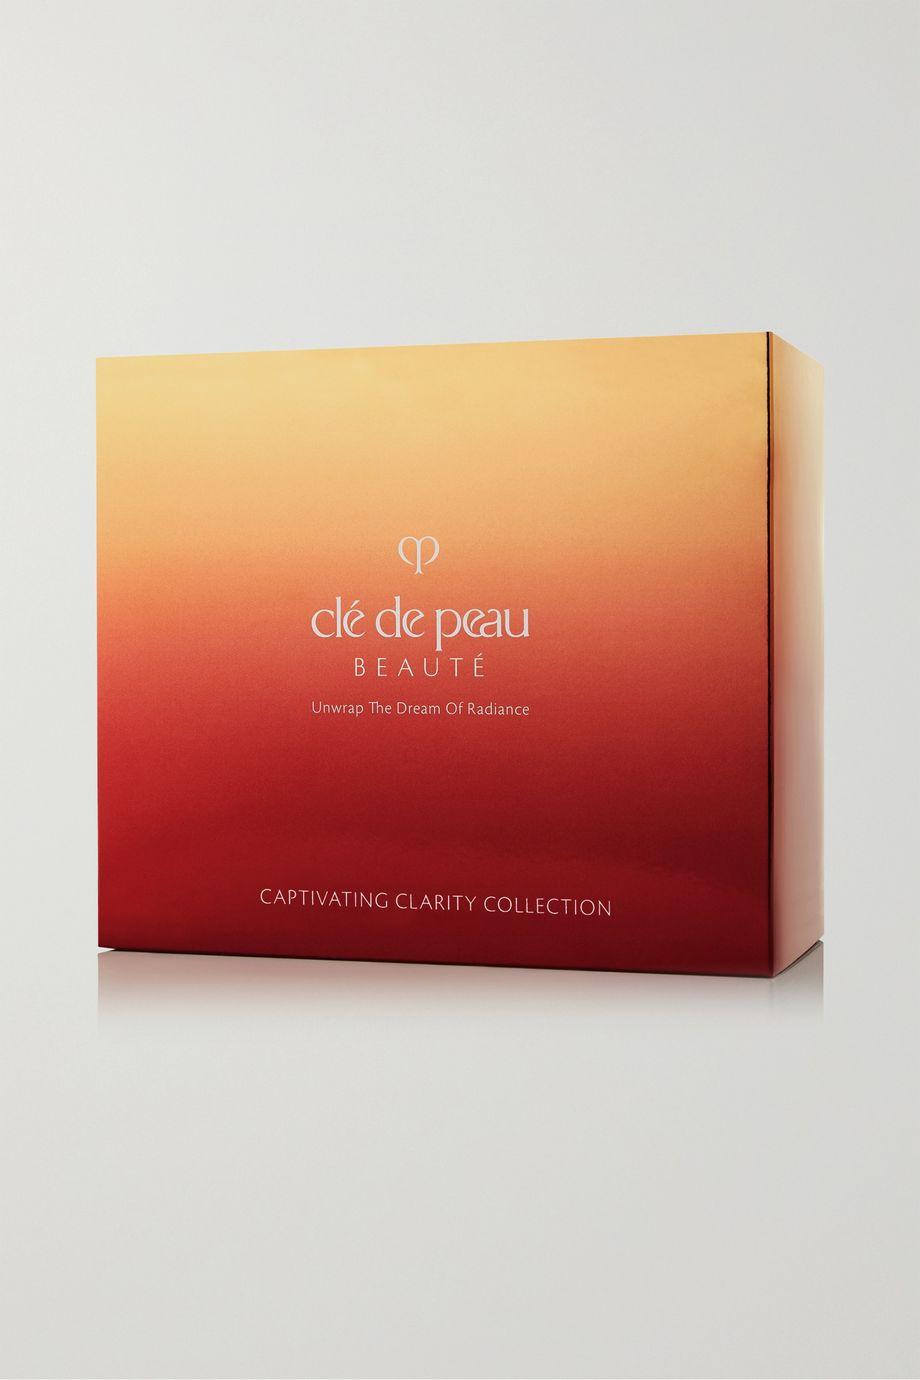 Clé de Peau Beauté Captivating Clarity Collection